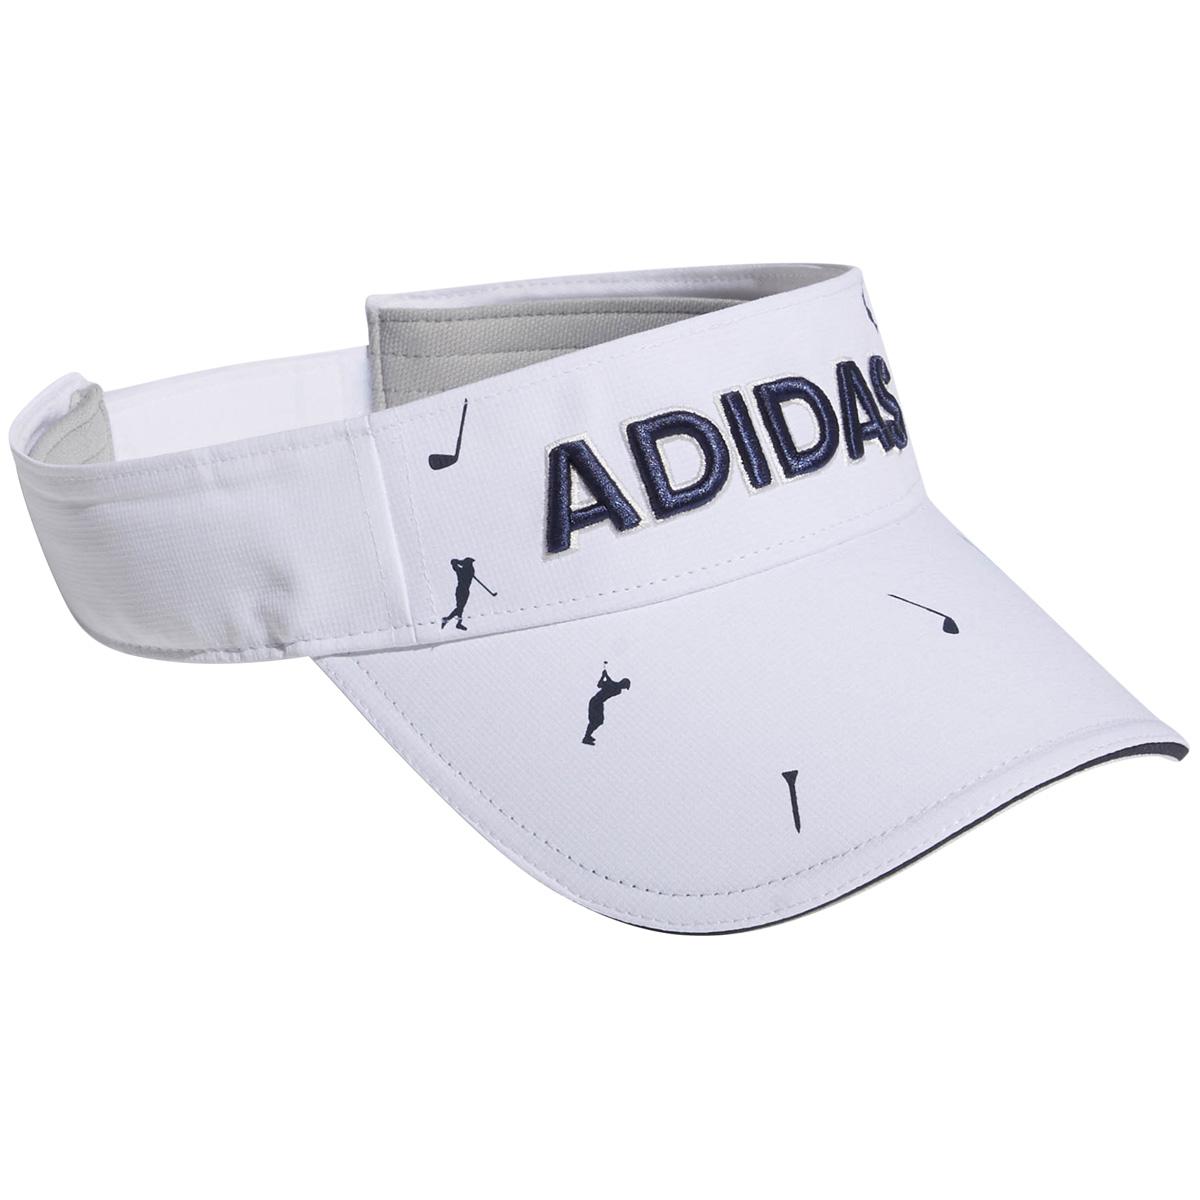 ADICROSS モノグラムプリントサンバイザー